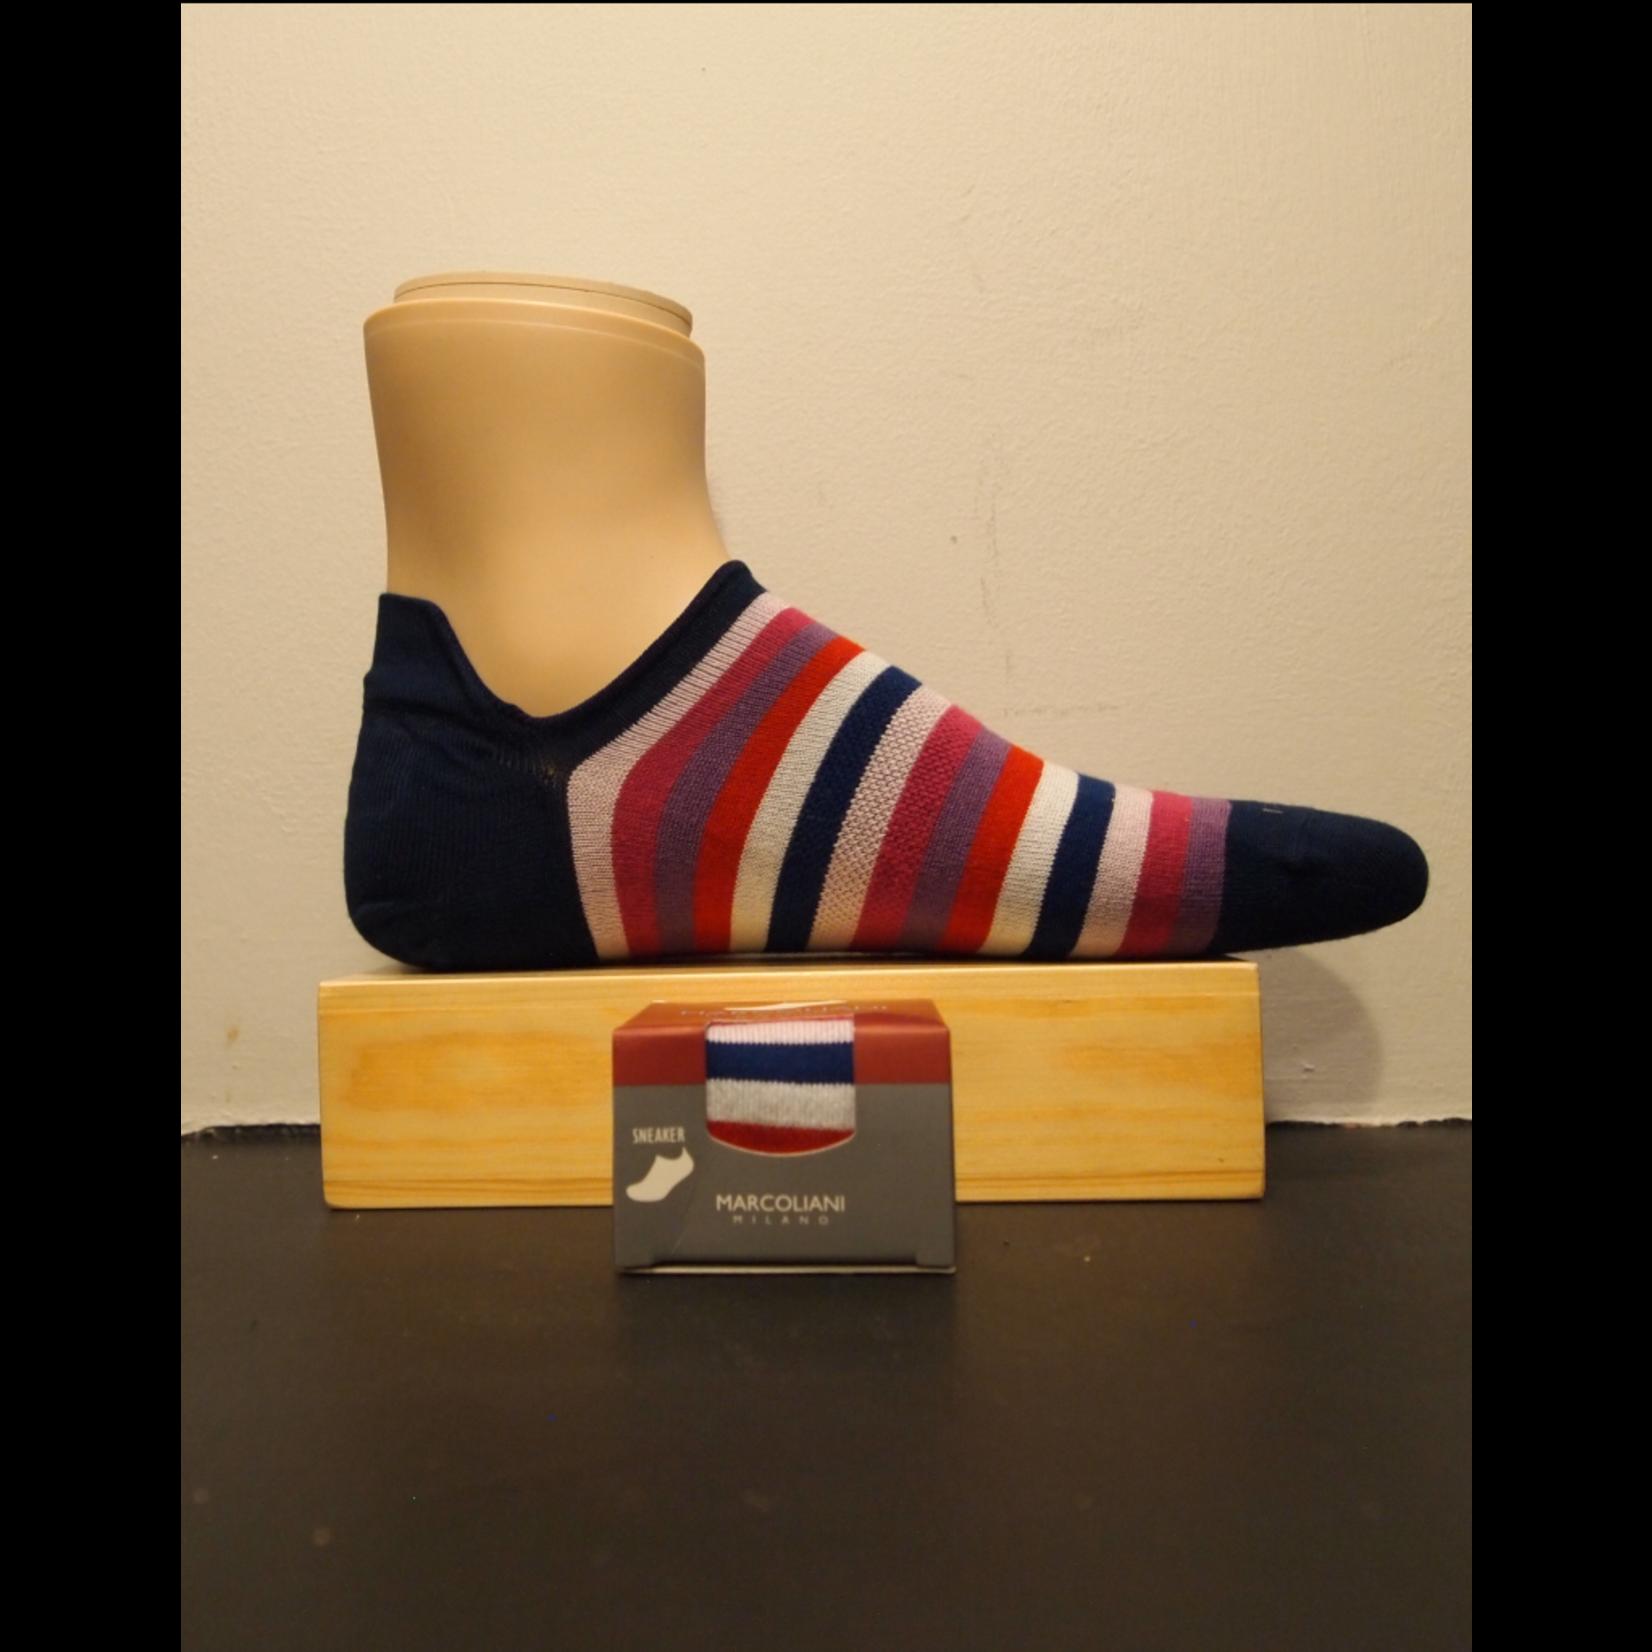 Marcoliani Marcoliani MAR4015K Invisible Touch Sneaker Socks